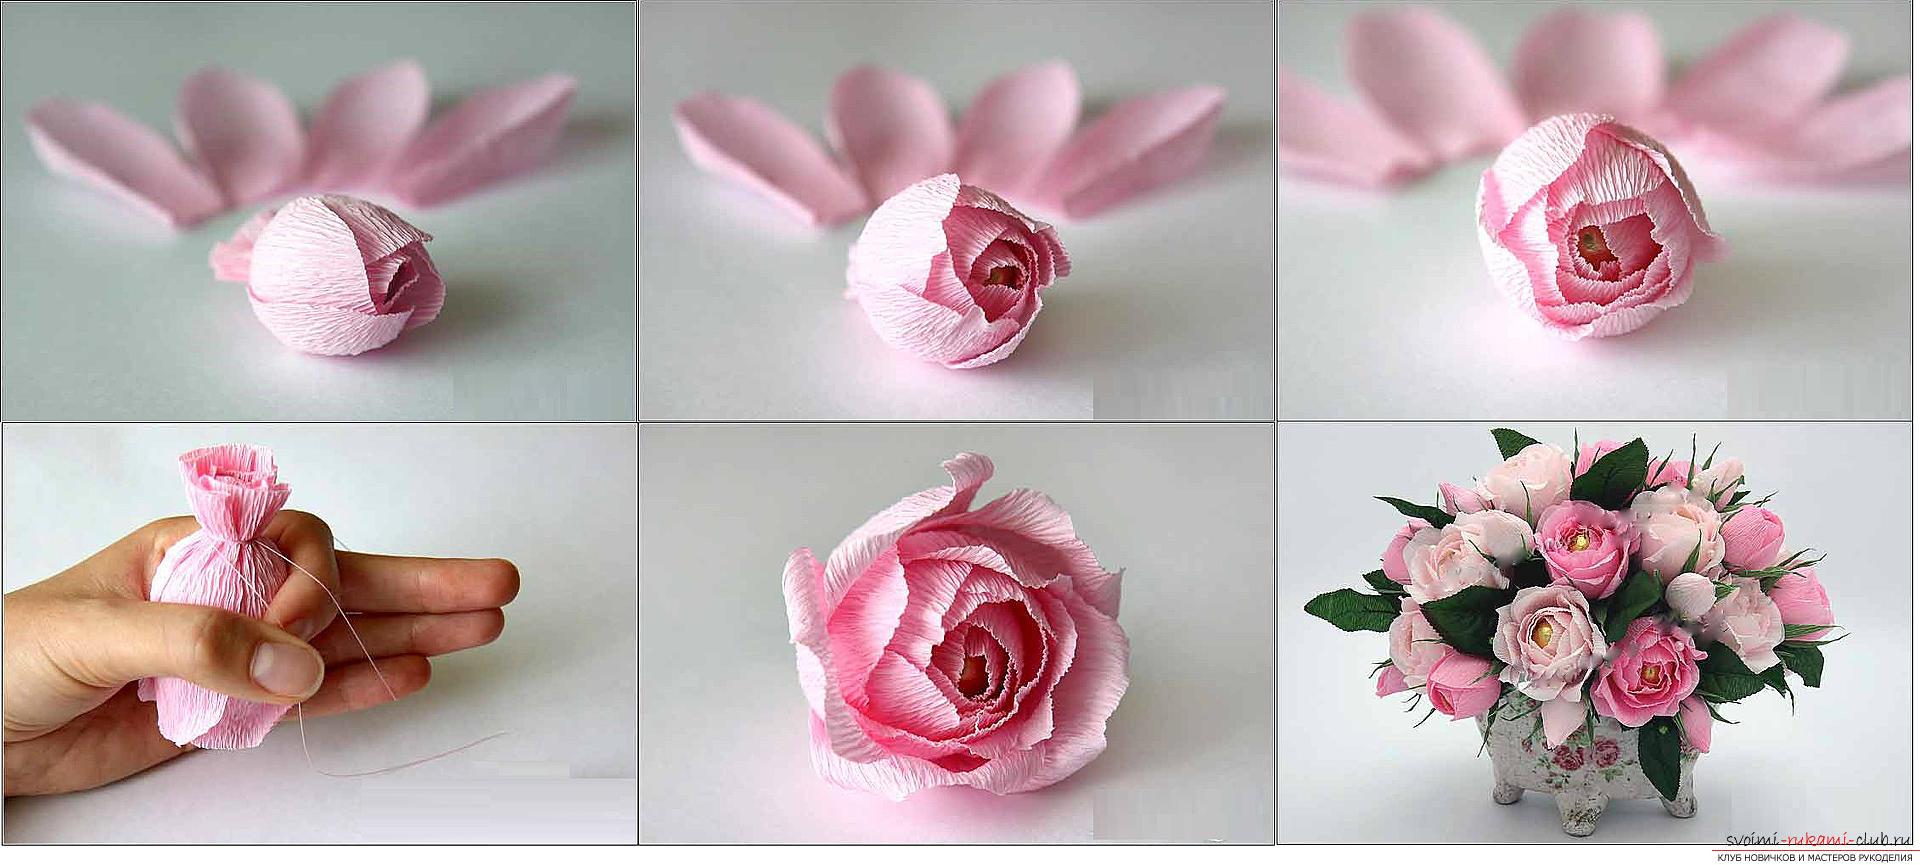 Букет из конфет своими руками пошаговое розы